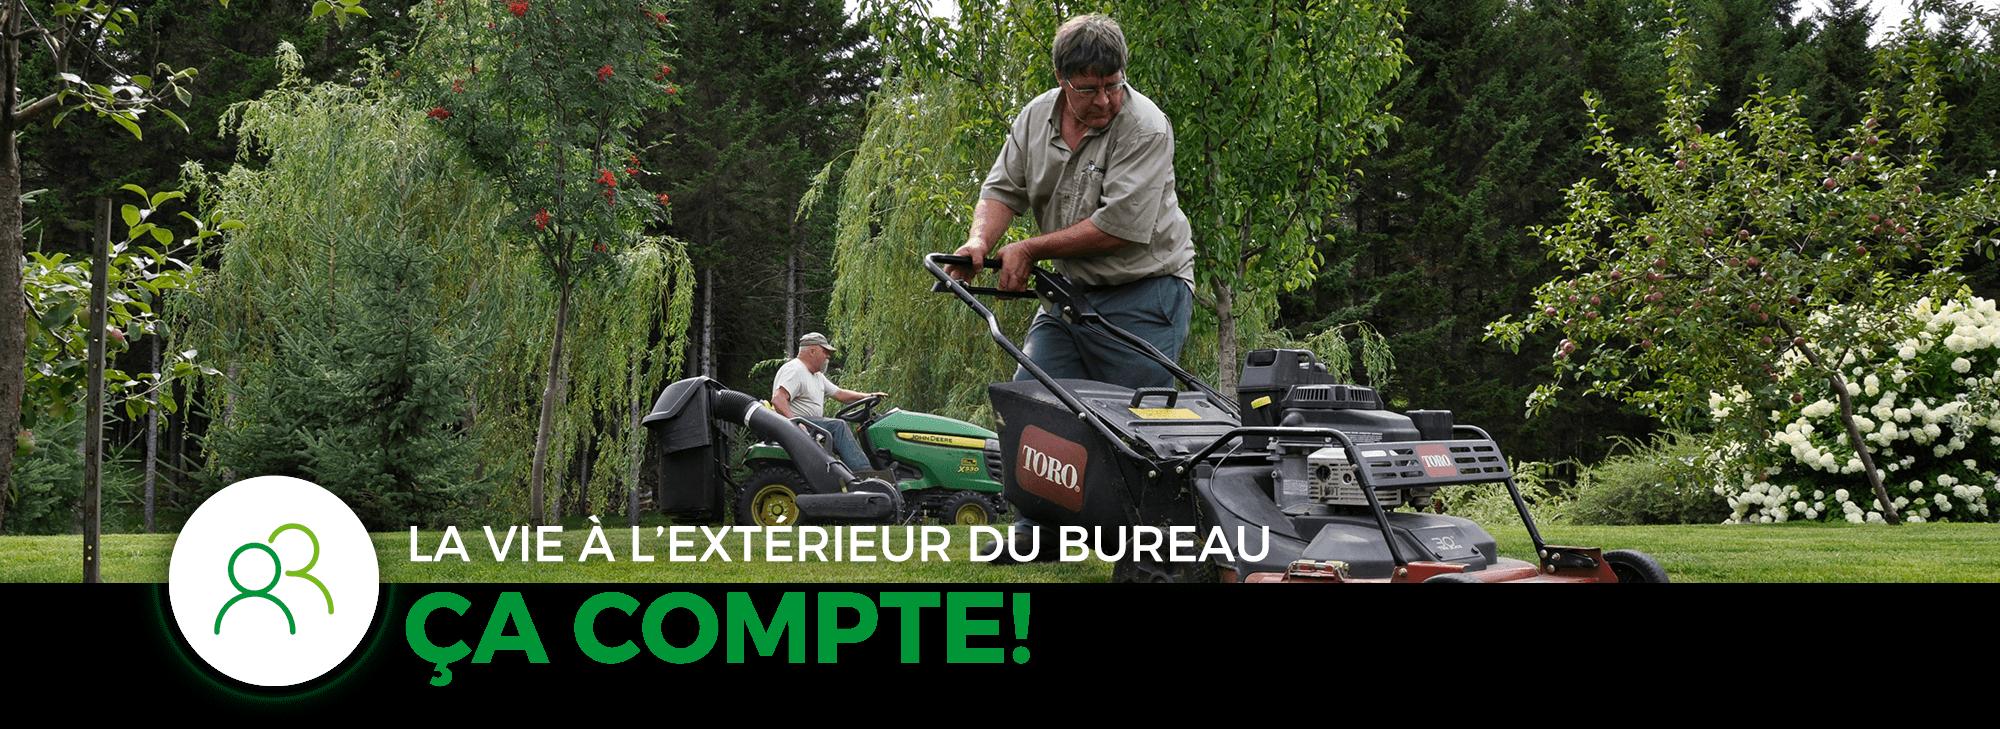 Hommes tondant pelouse, tracteur et tondeuse